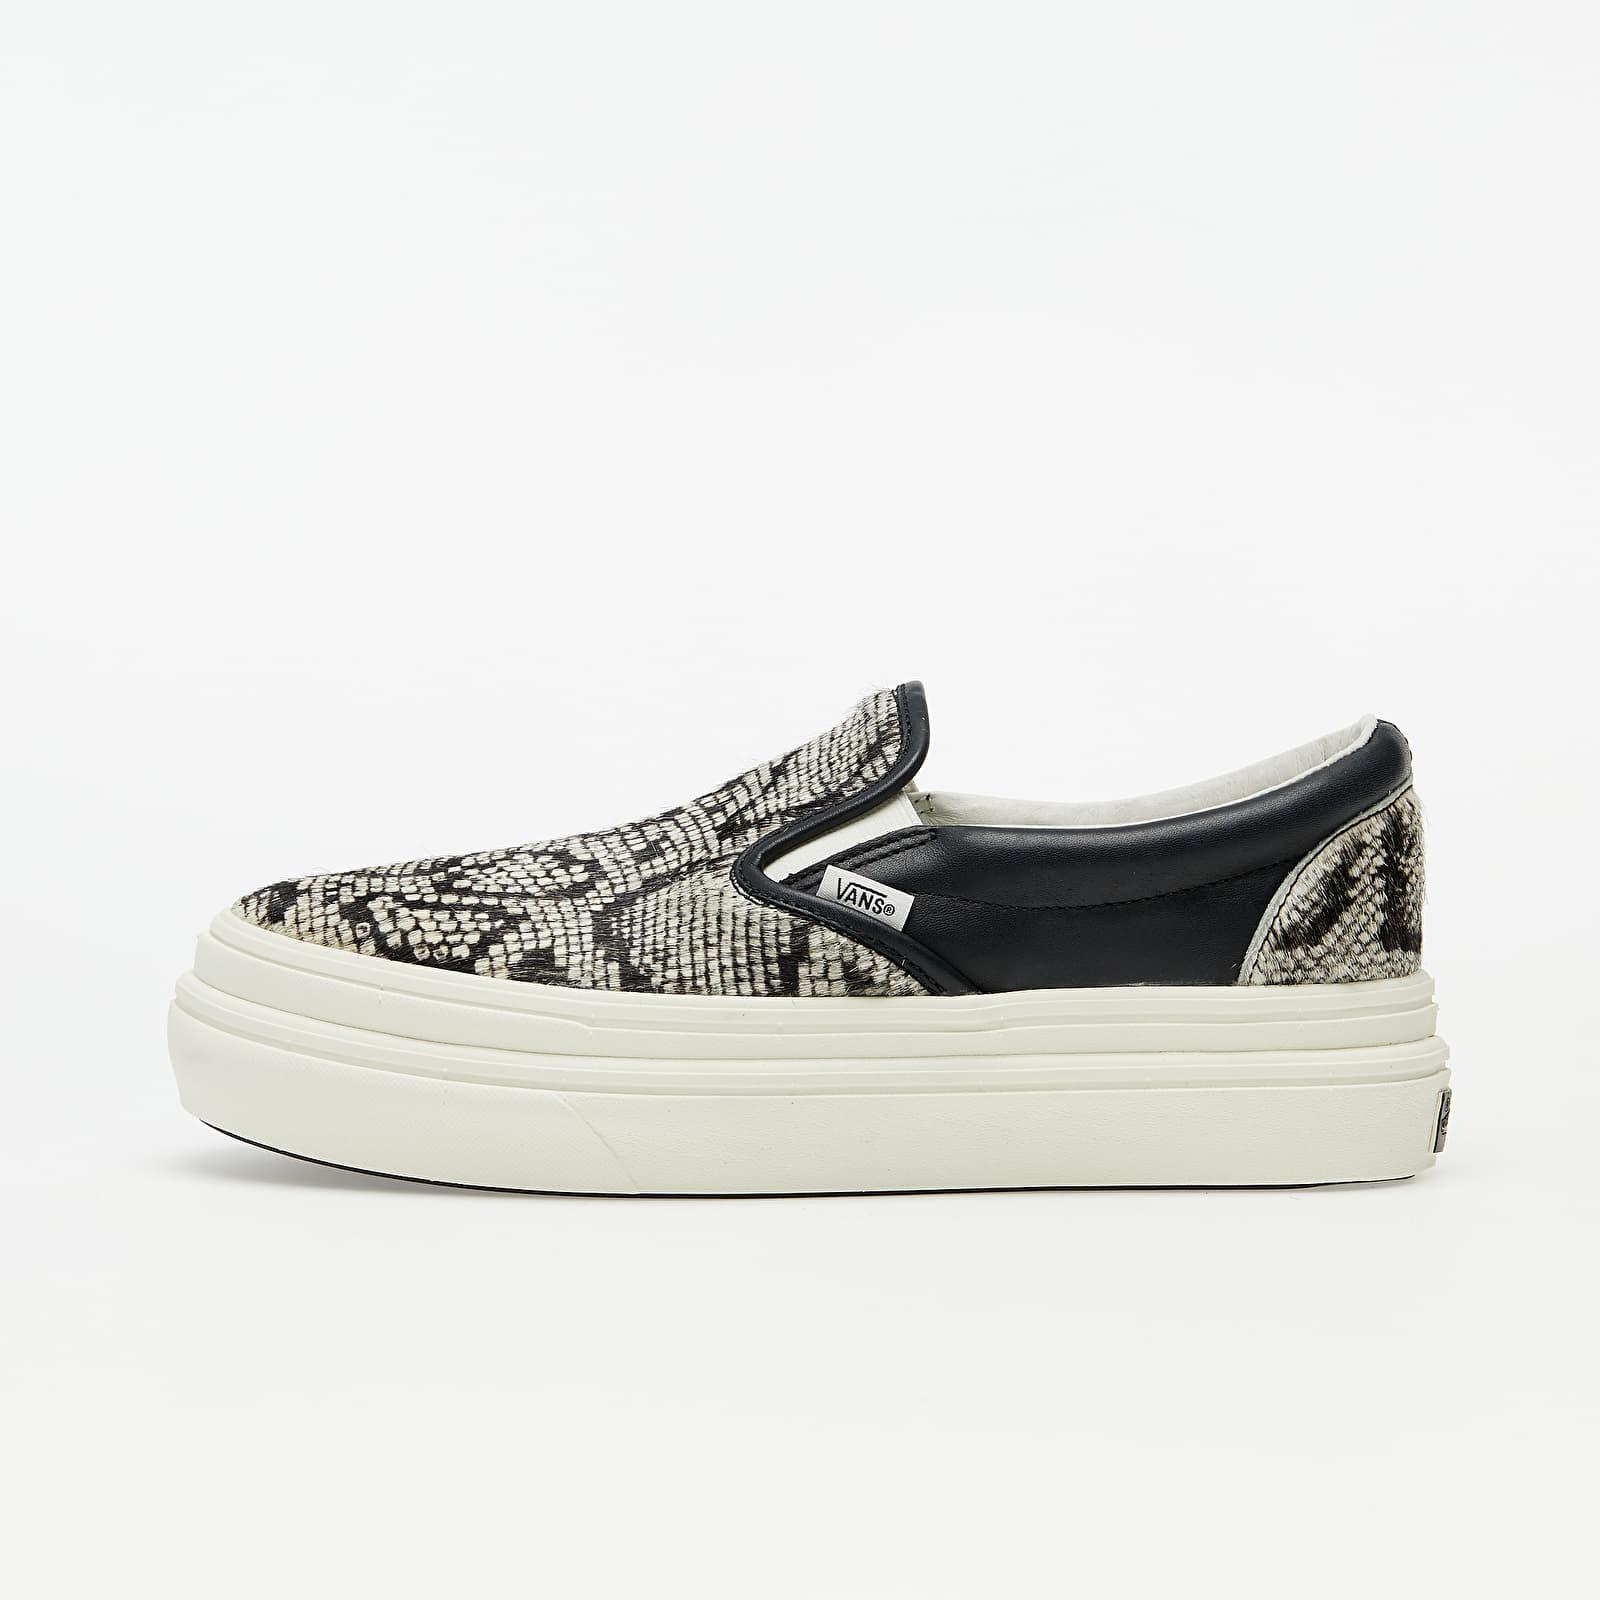 Men's shoes Vans Super ComfyCush Slip-On (Snake/ Pony) Black/ Marshmallow